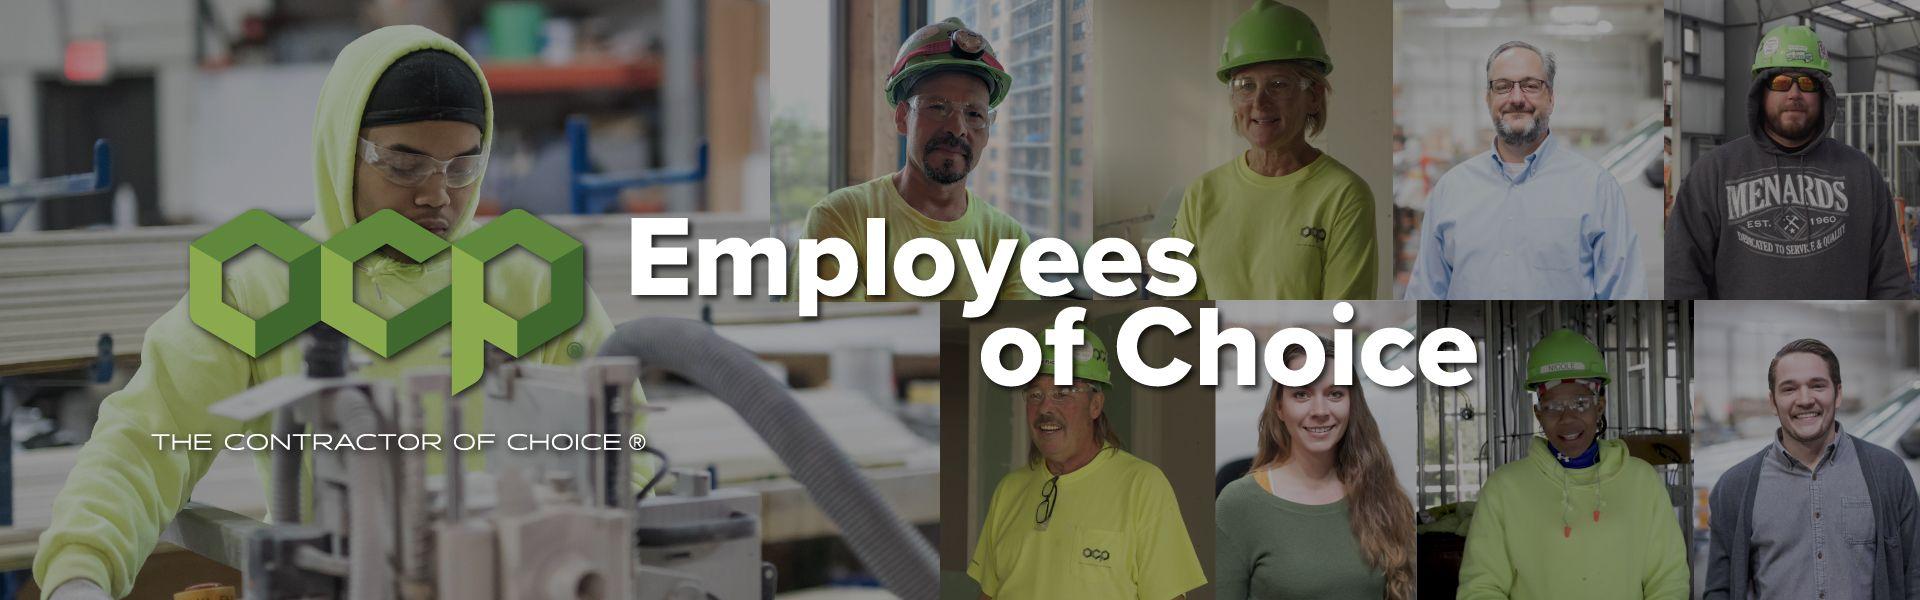 Employees-Header-final-19-08.jpg